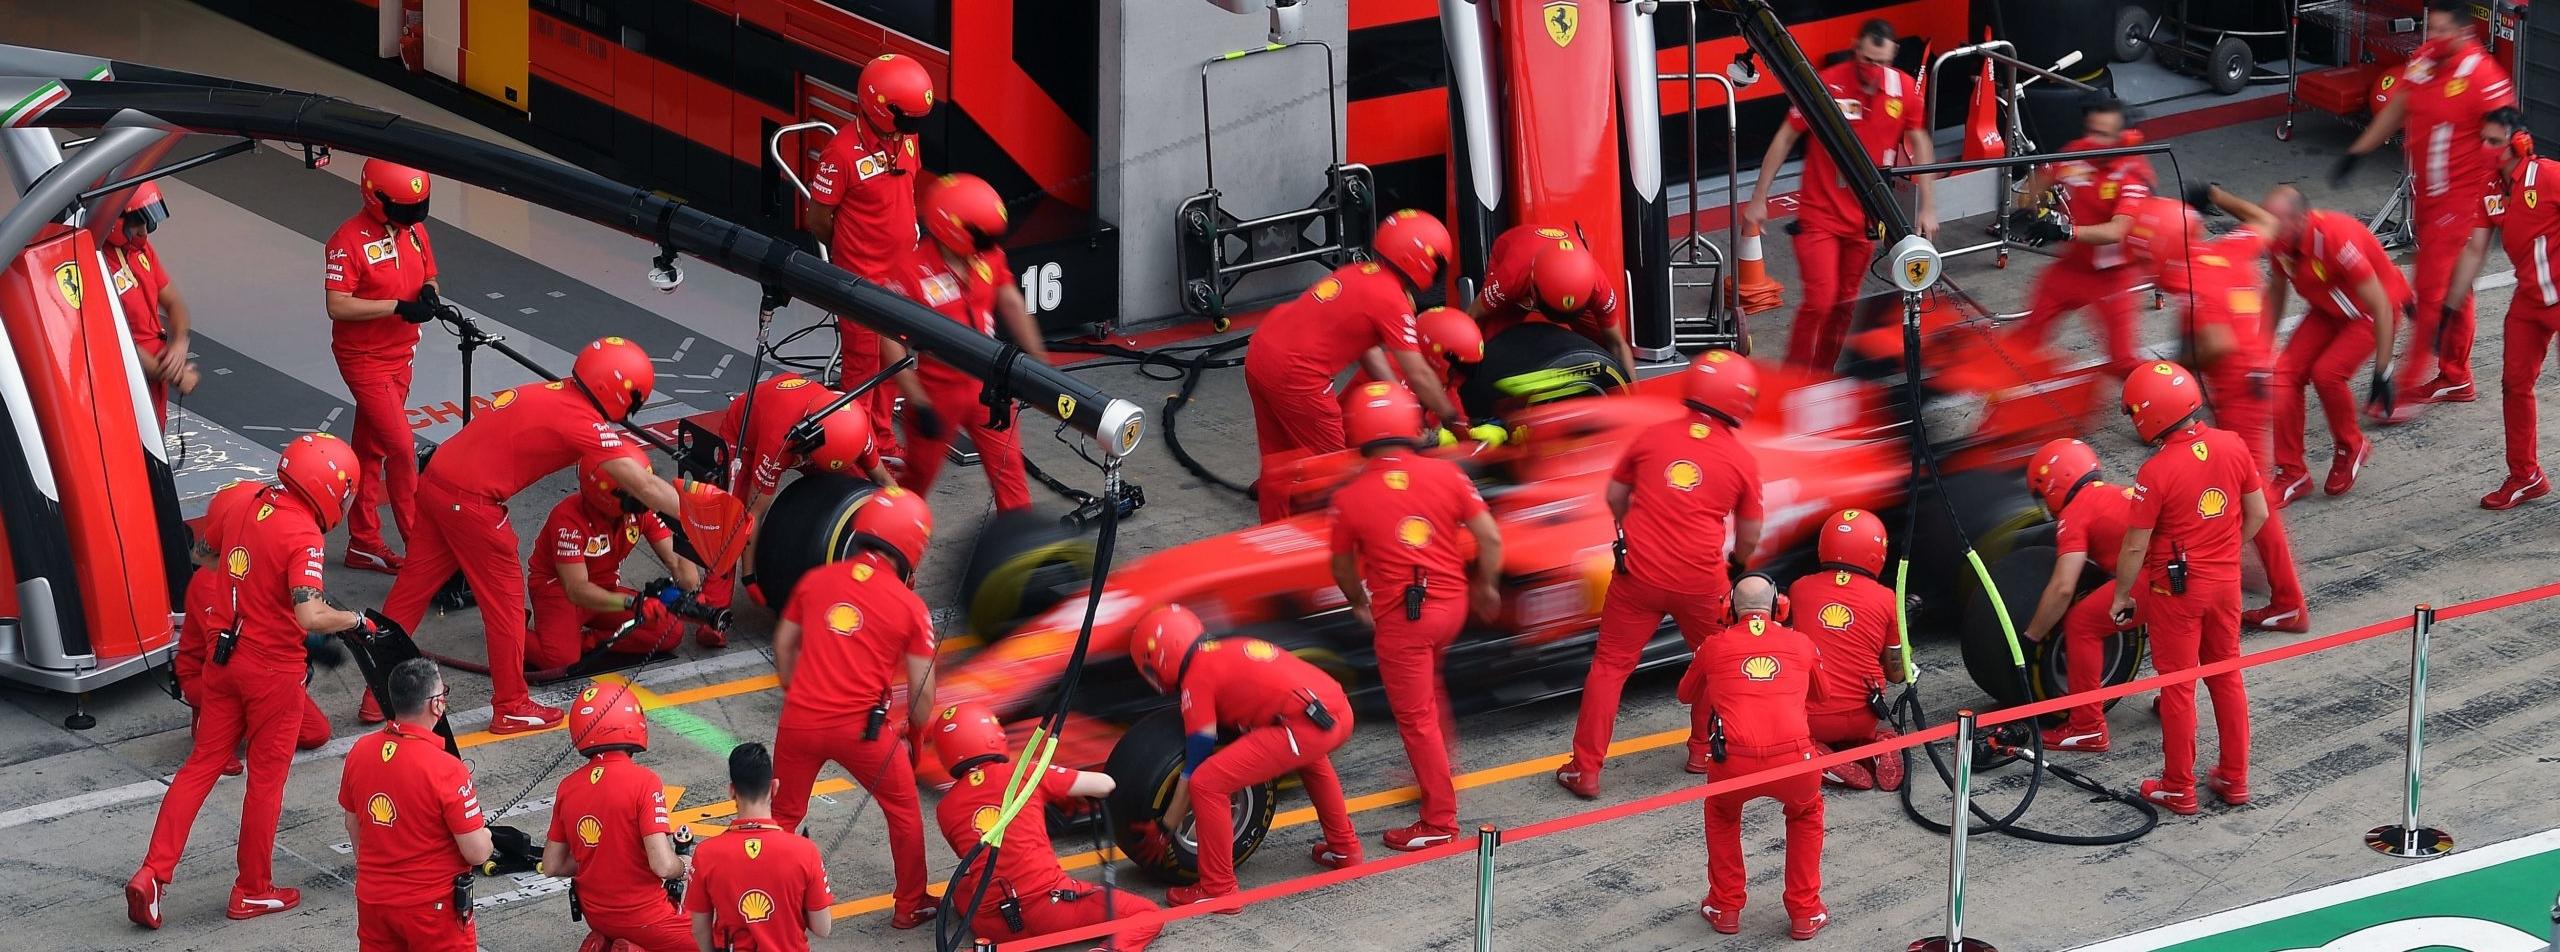 Regolamento F1: le novità del 2020, tutte le curiosità sul mondiale